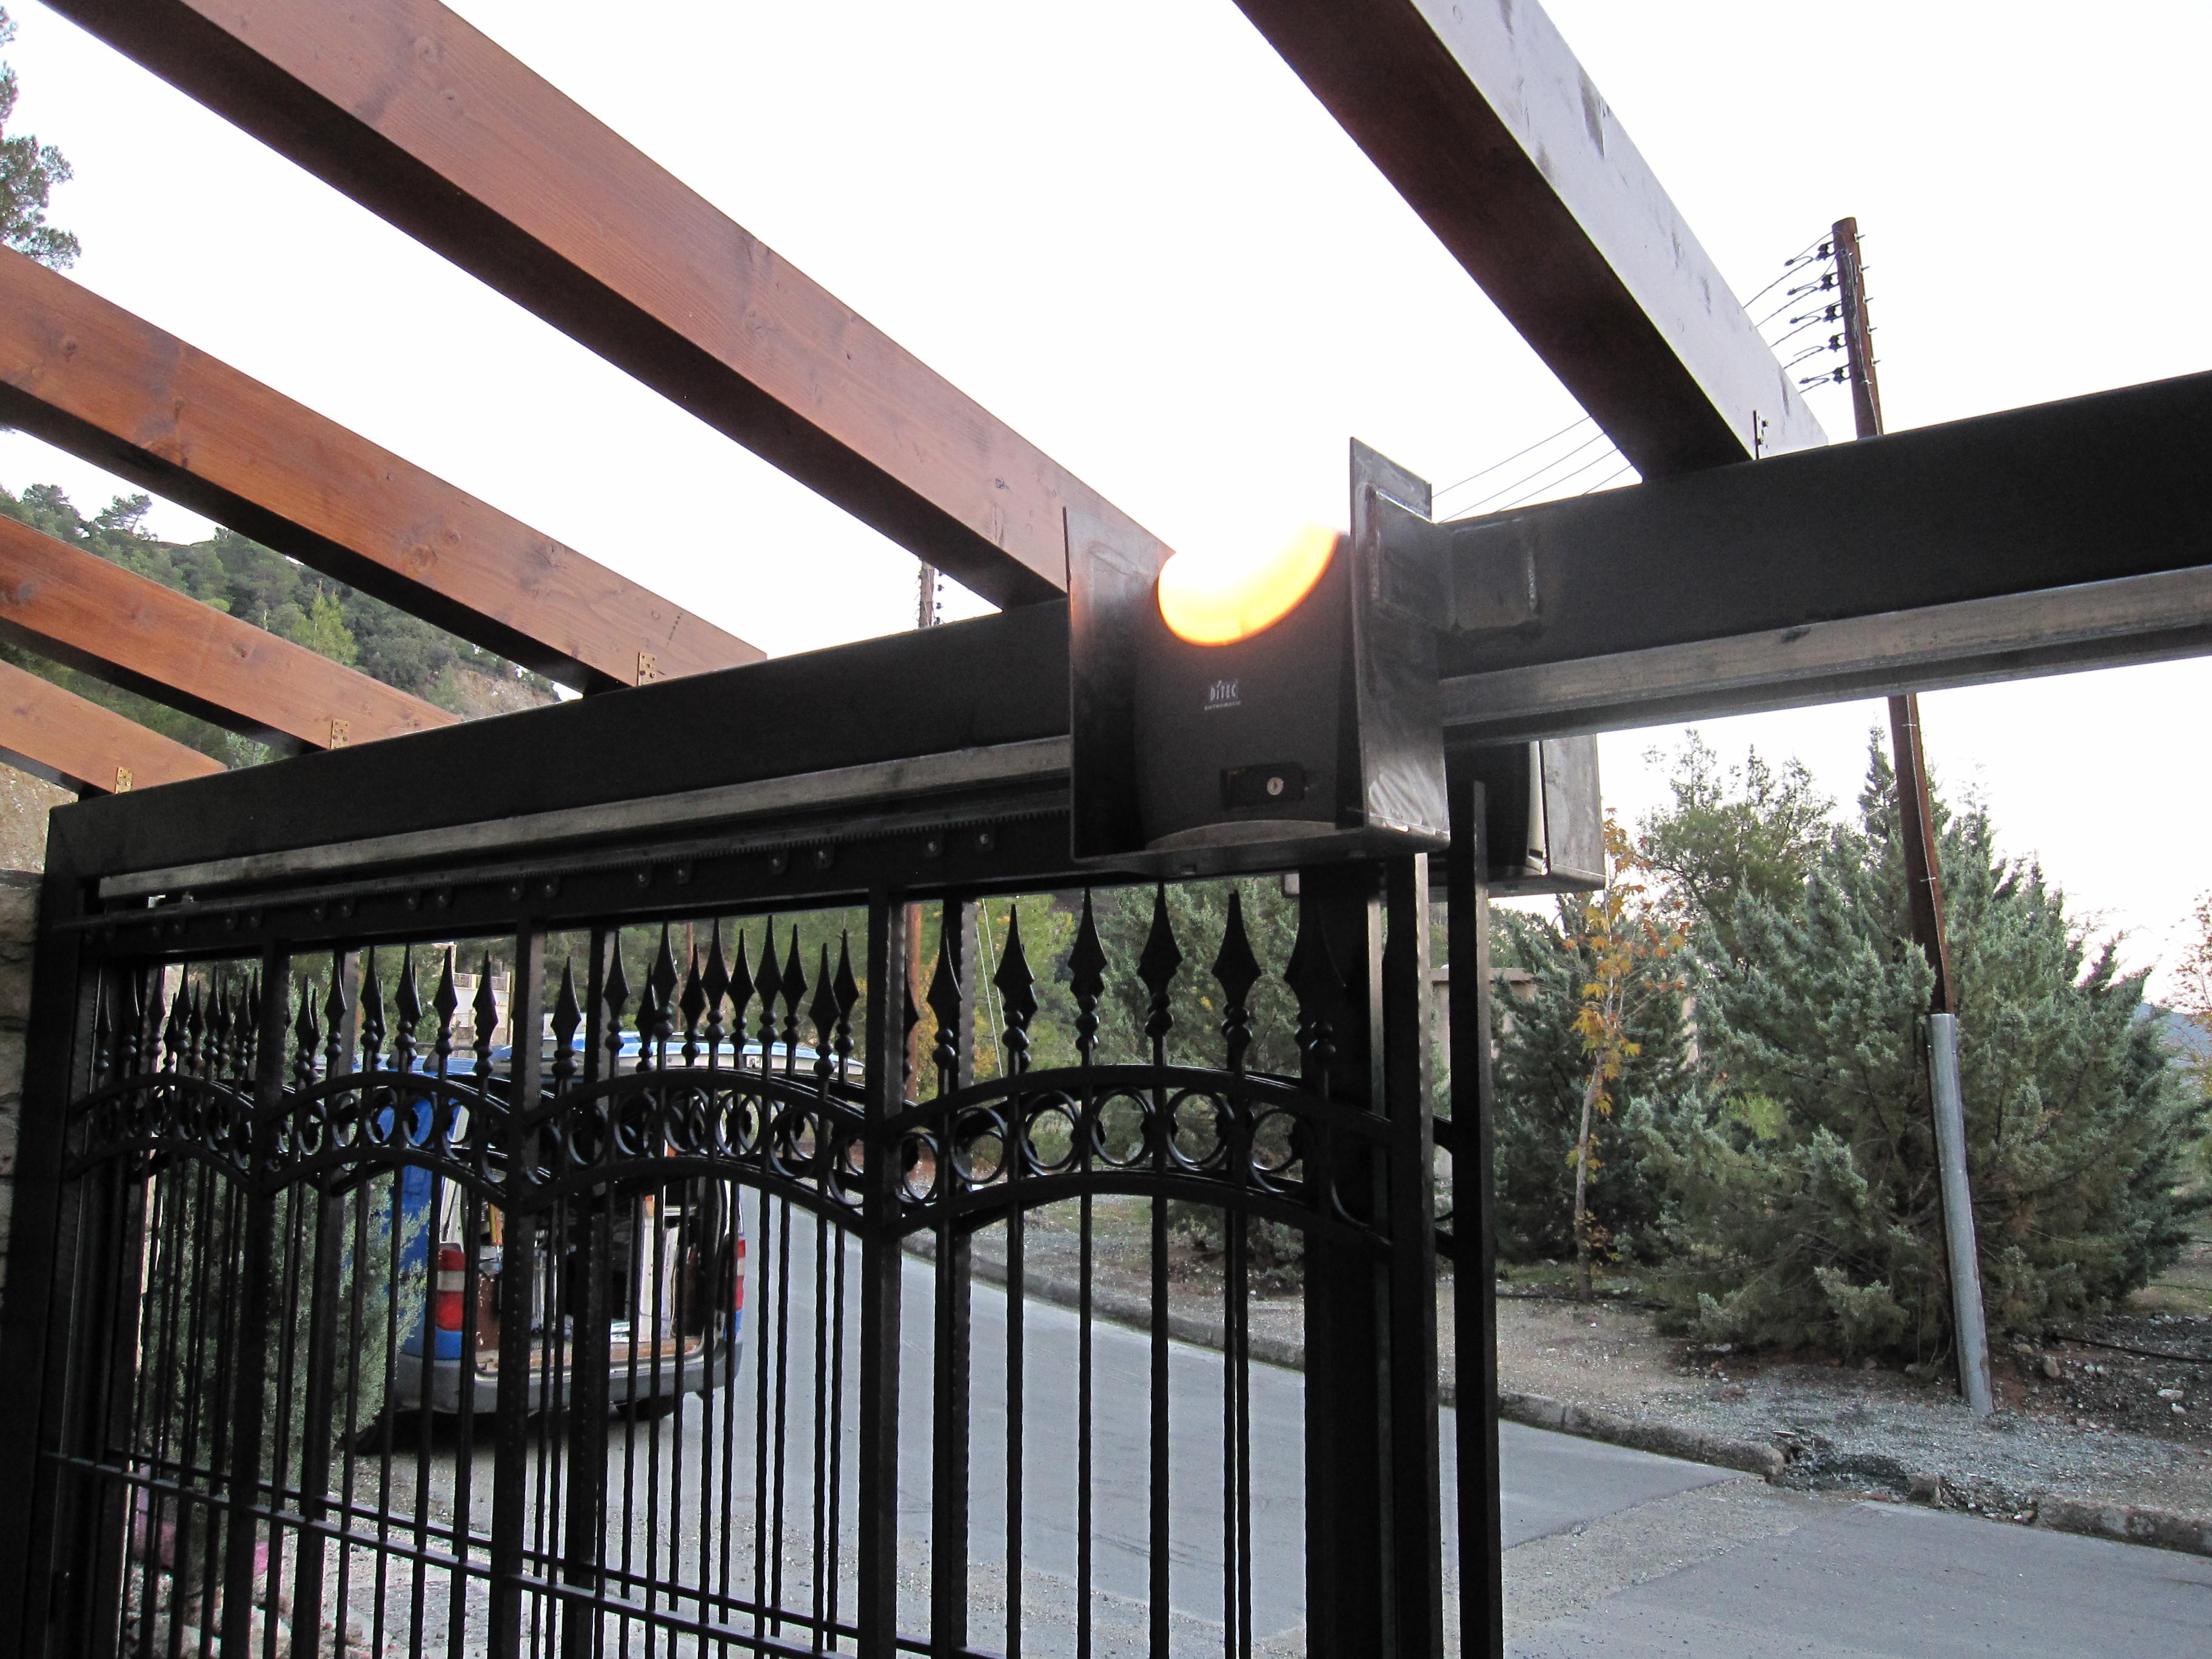 CROSS7 sliding gate operator